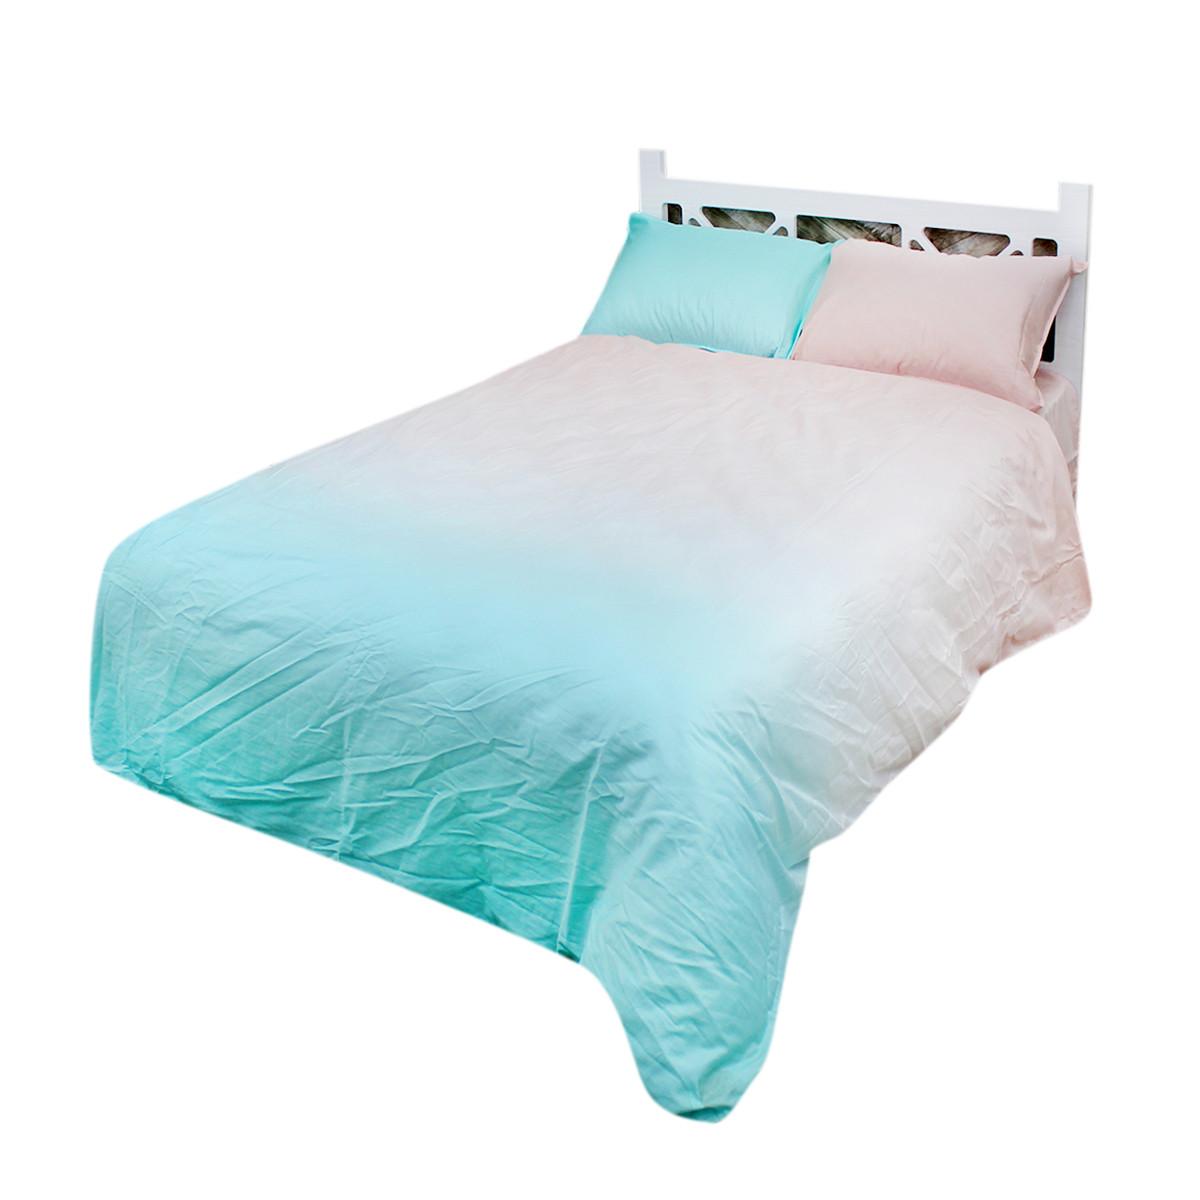 Комплект постельного белья Евро Moorvin Сатин_Омбре 240 х 215 (SAP_315_0373_A)